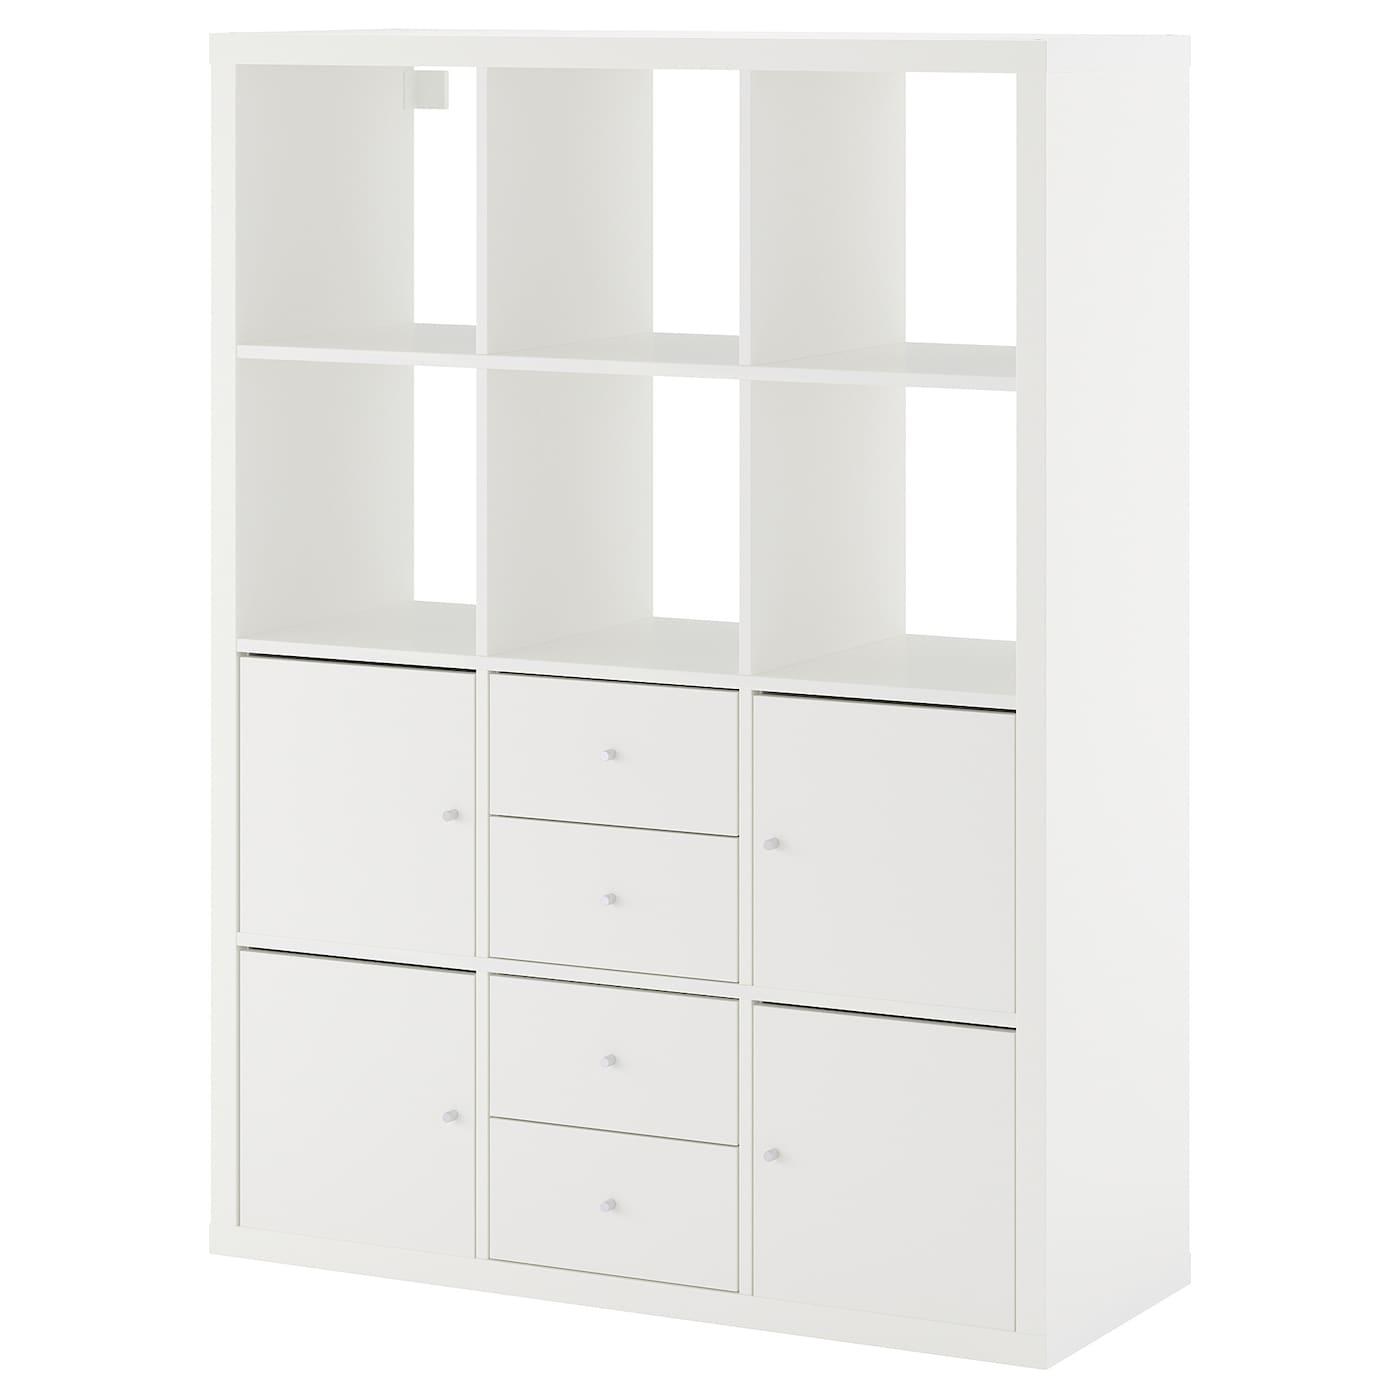 Ikea Kallax Shelf Unit Black-Brown 3 x 4 204.099.36